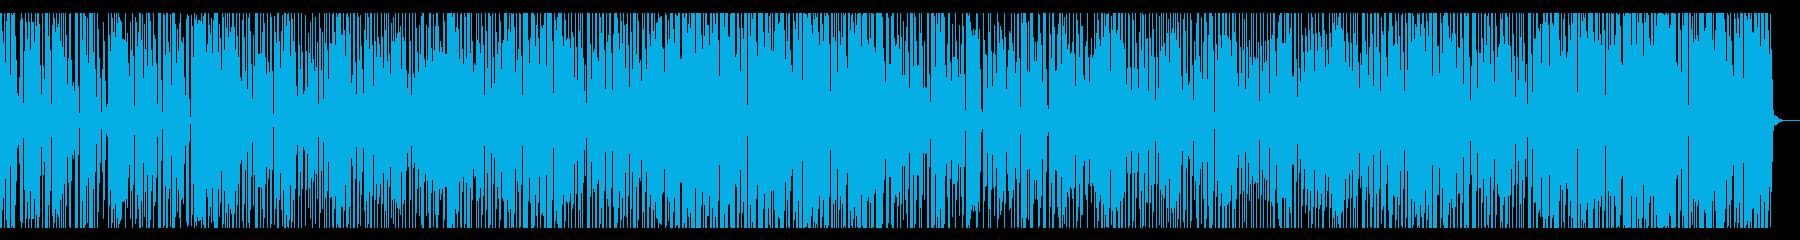 優しく寂しい雰囲気のBGMの再生済みの波形